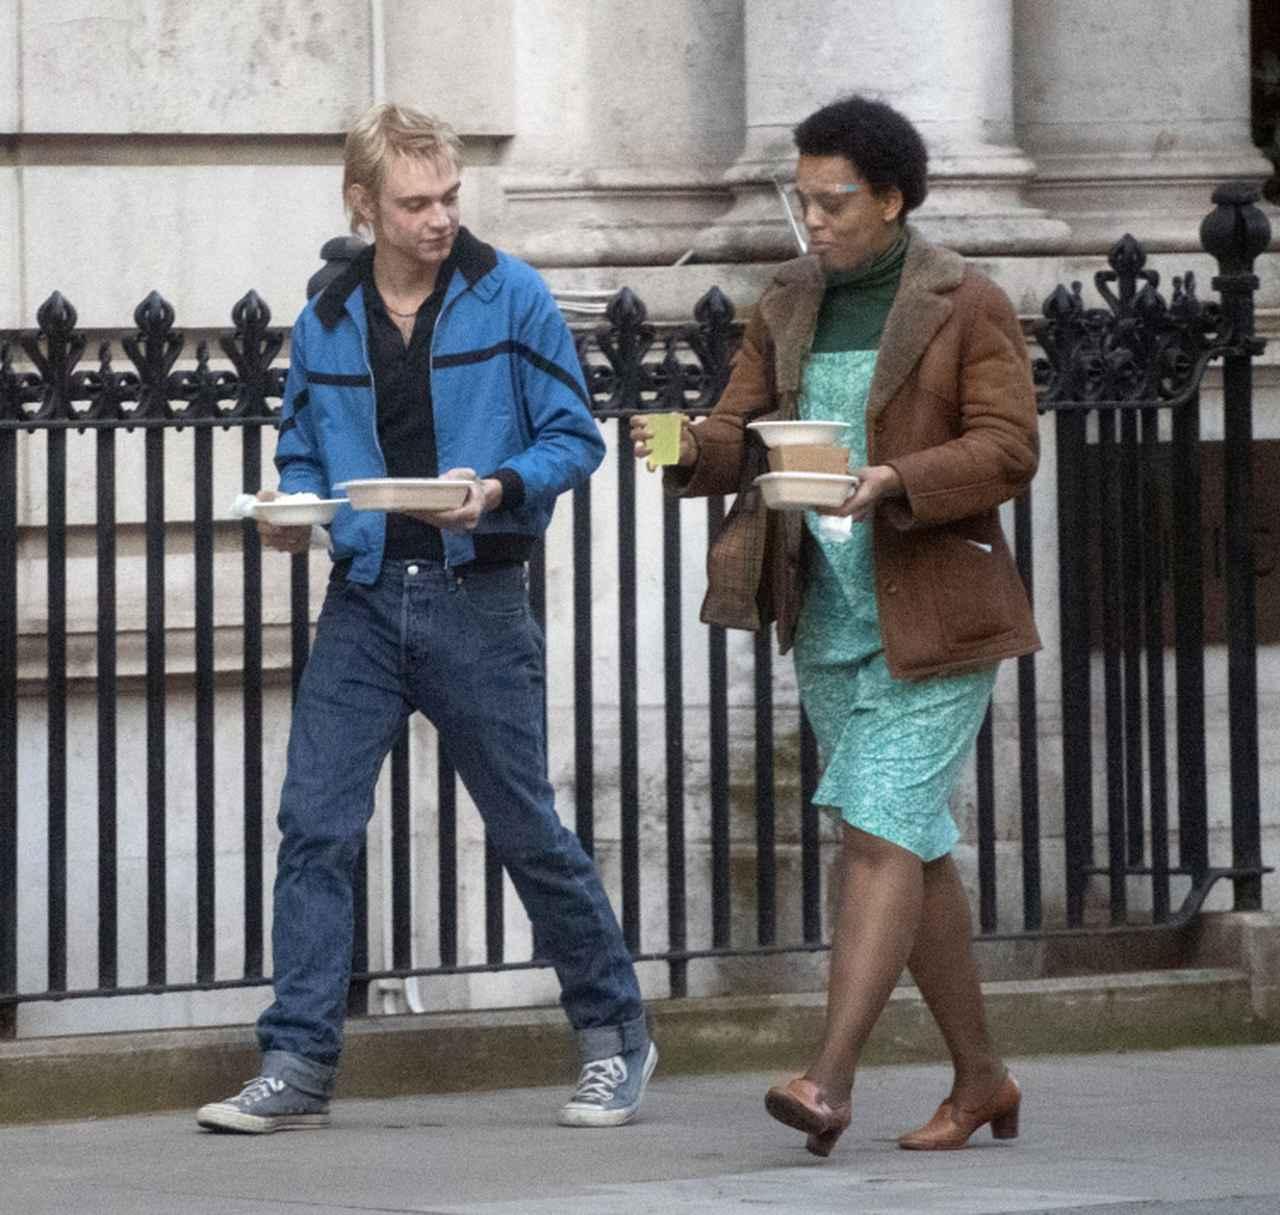 画像: ポール・クック役のジェイコブ・スレーターの髪はプラチナムブロンドに。スポーティーなブルーのジャケットに同系色のコンバースを合わせて。